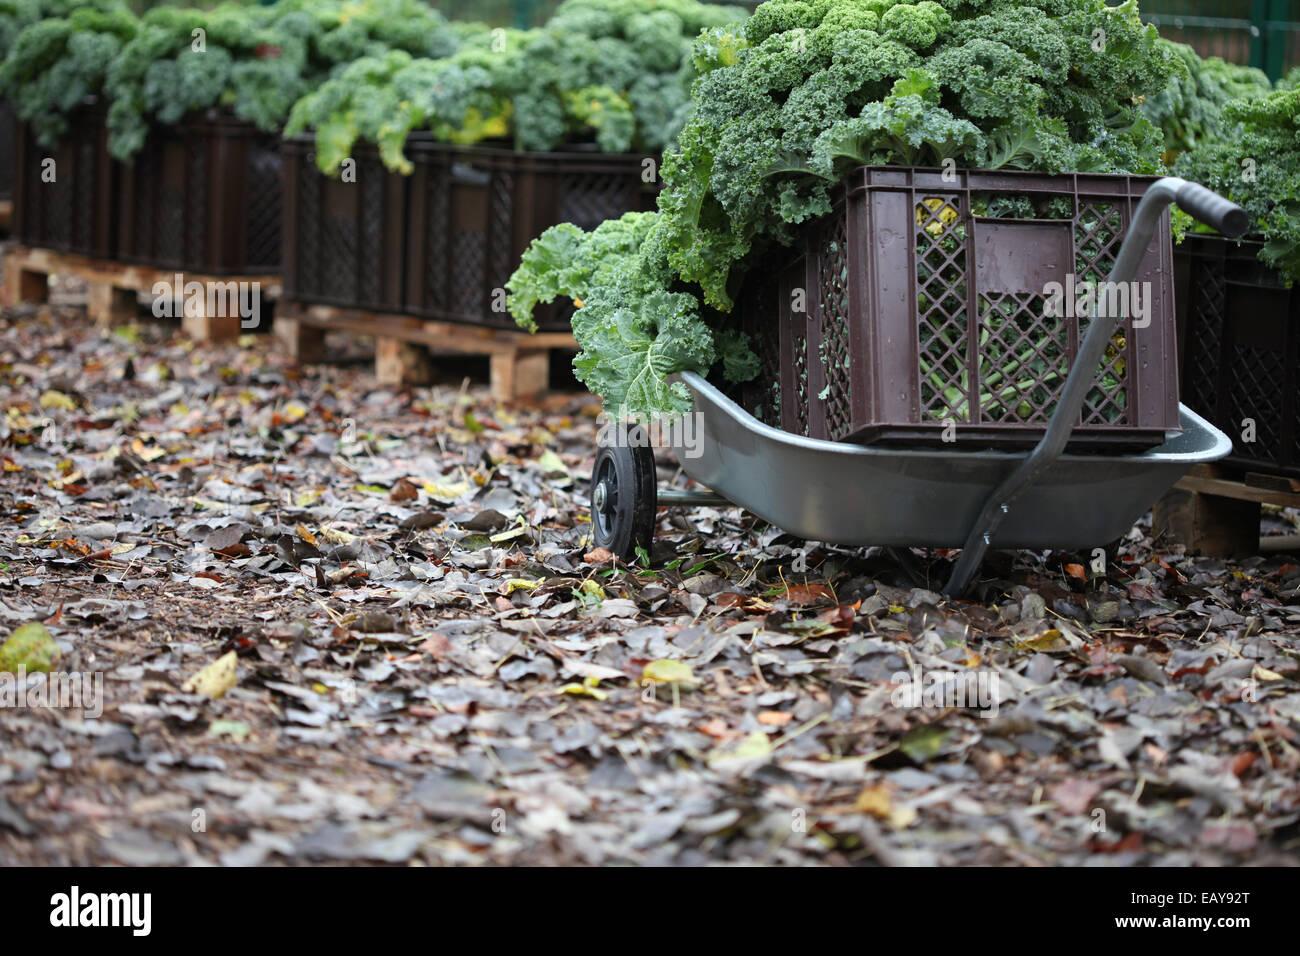 Close-up de la col rizada cosechadas en una carretilla de plantas cultivadas en cajas en un proyecto de horticultura Foto de stock